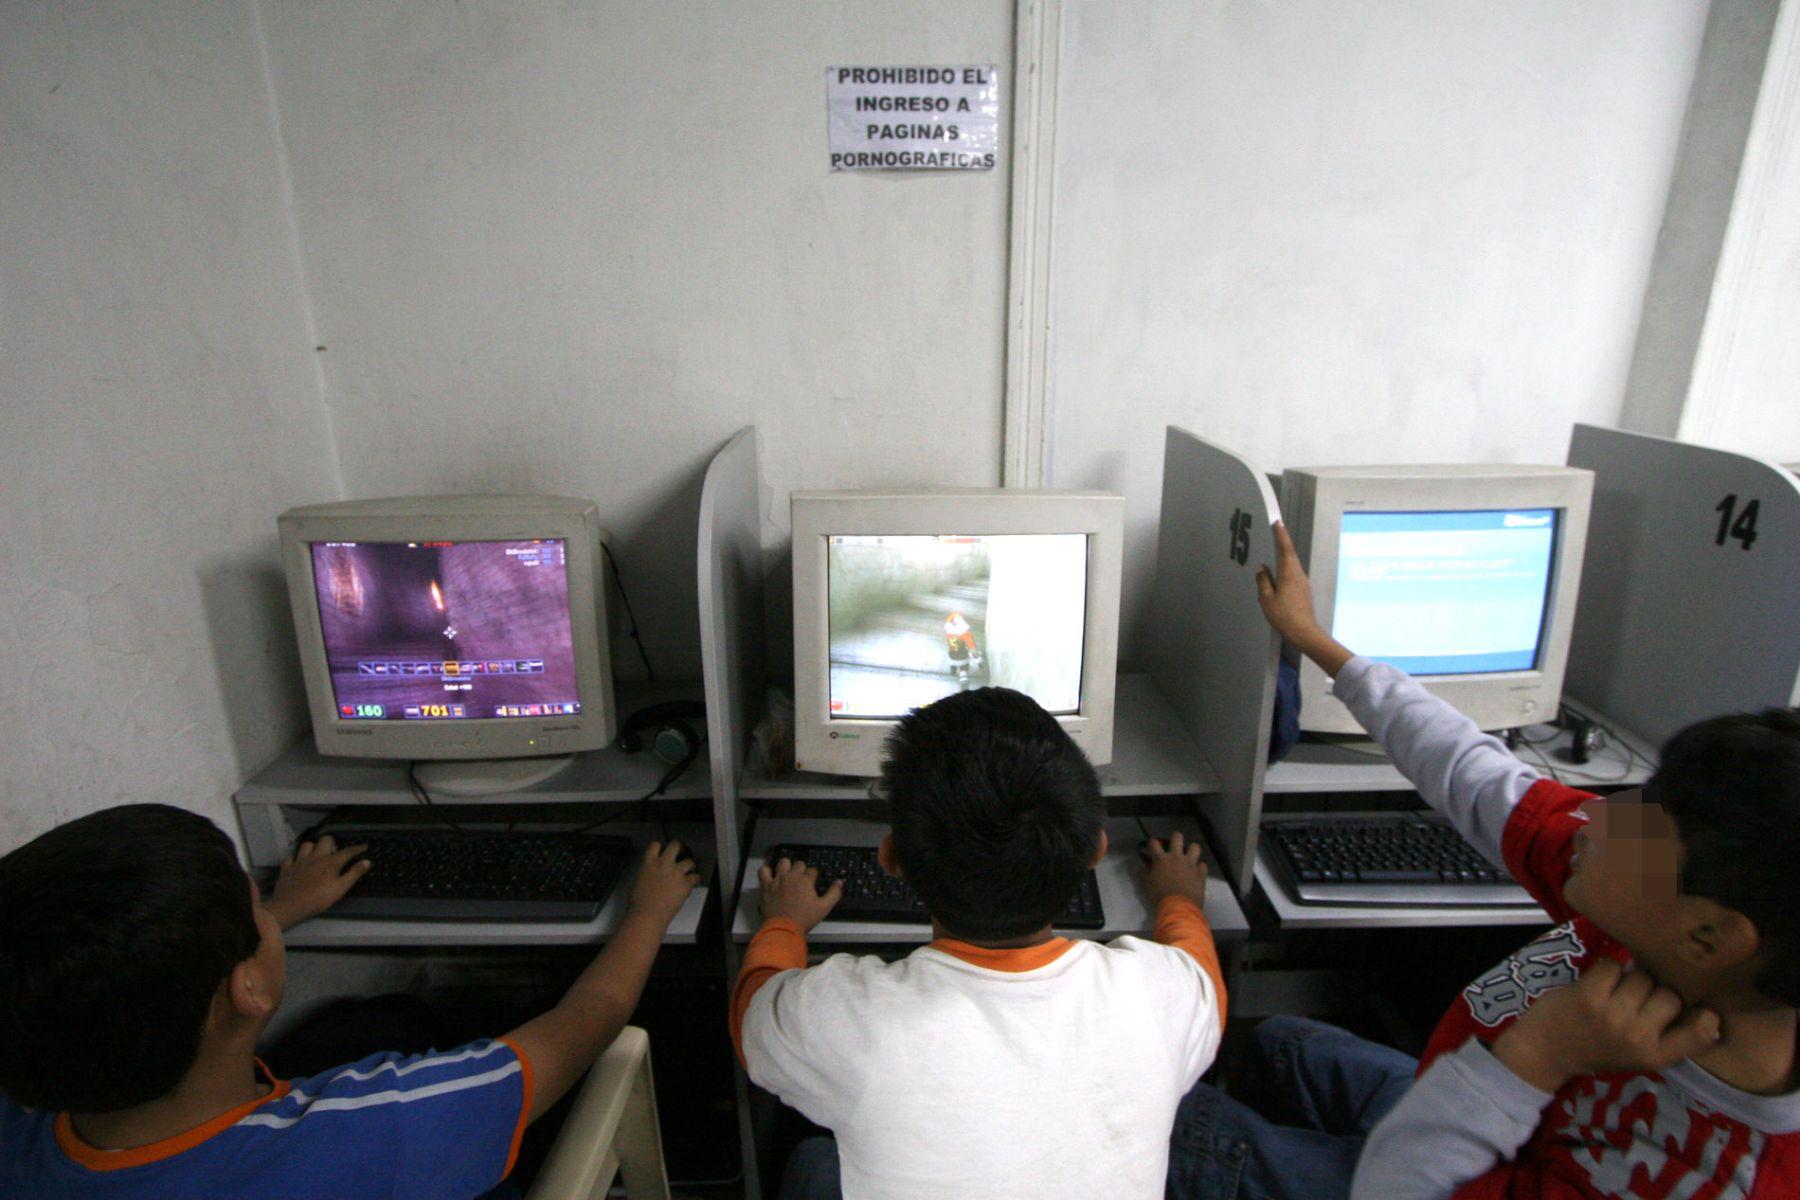 Niños en cabina de Internet